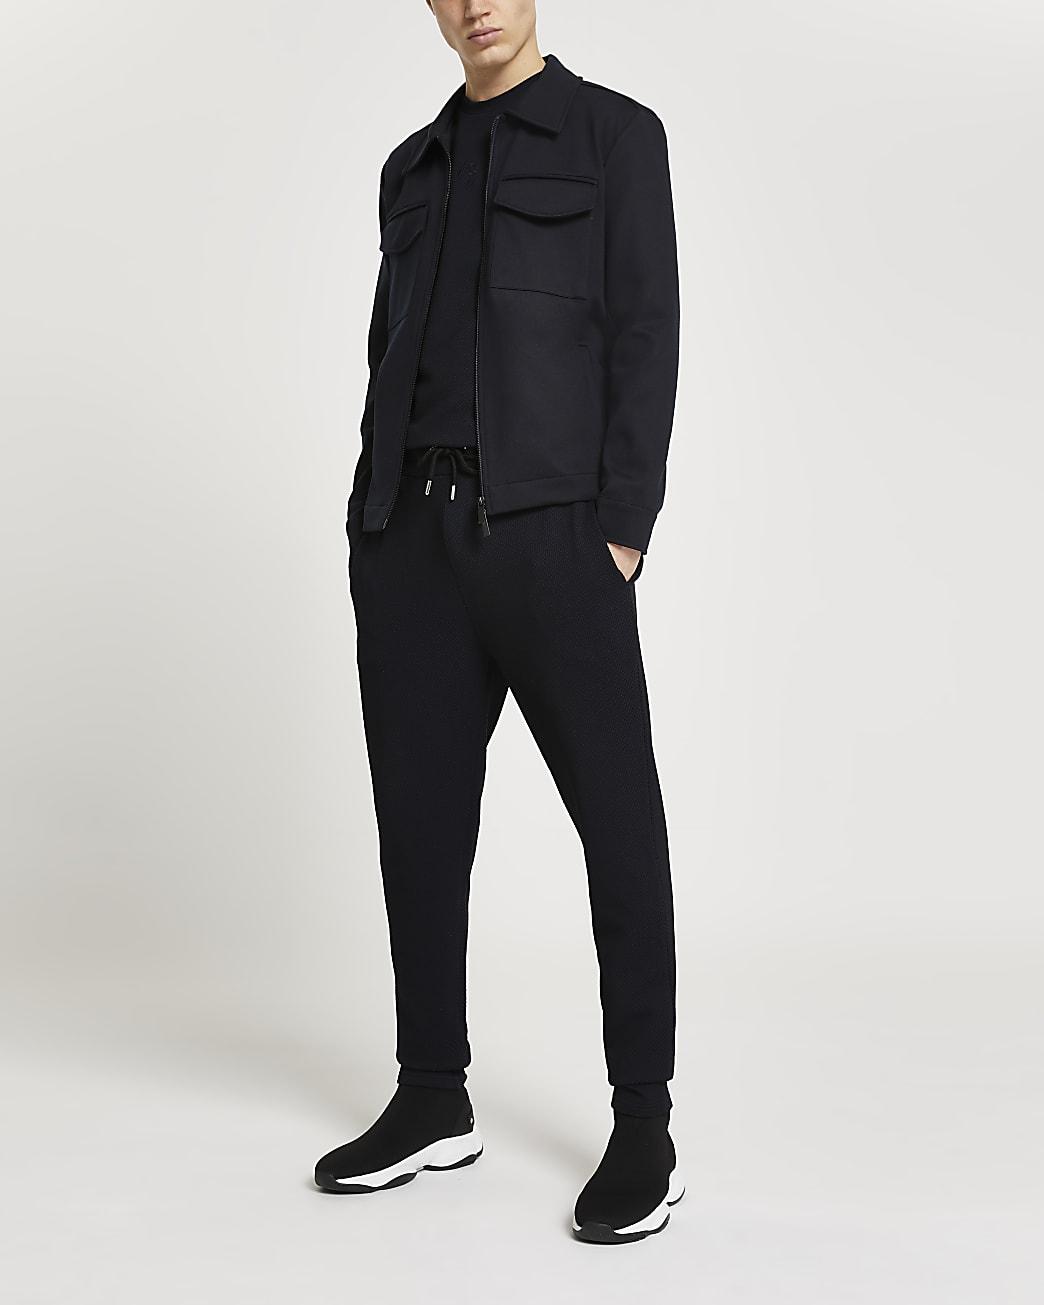 Navy double pocket long sleeve shacket